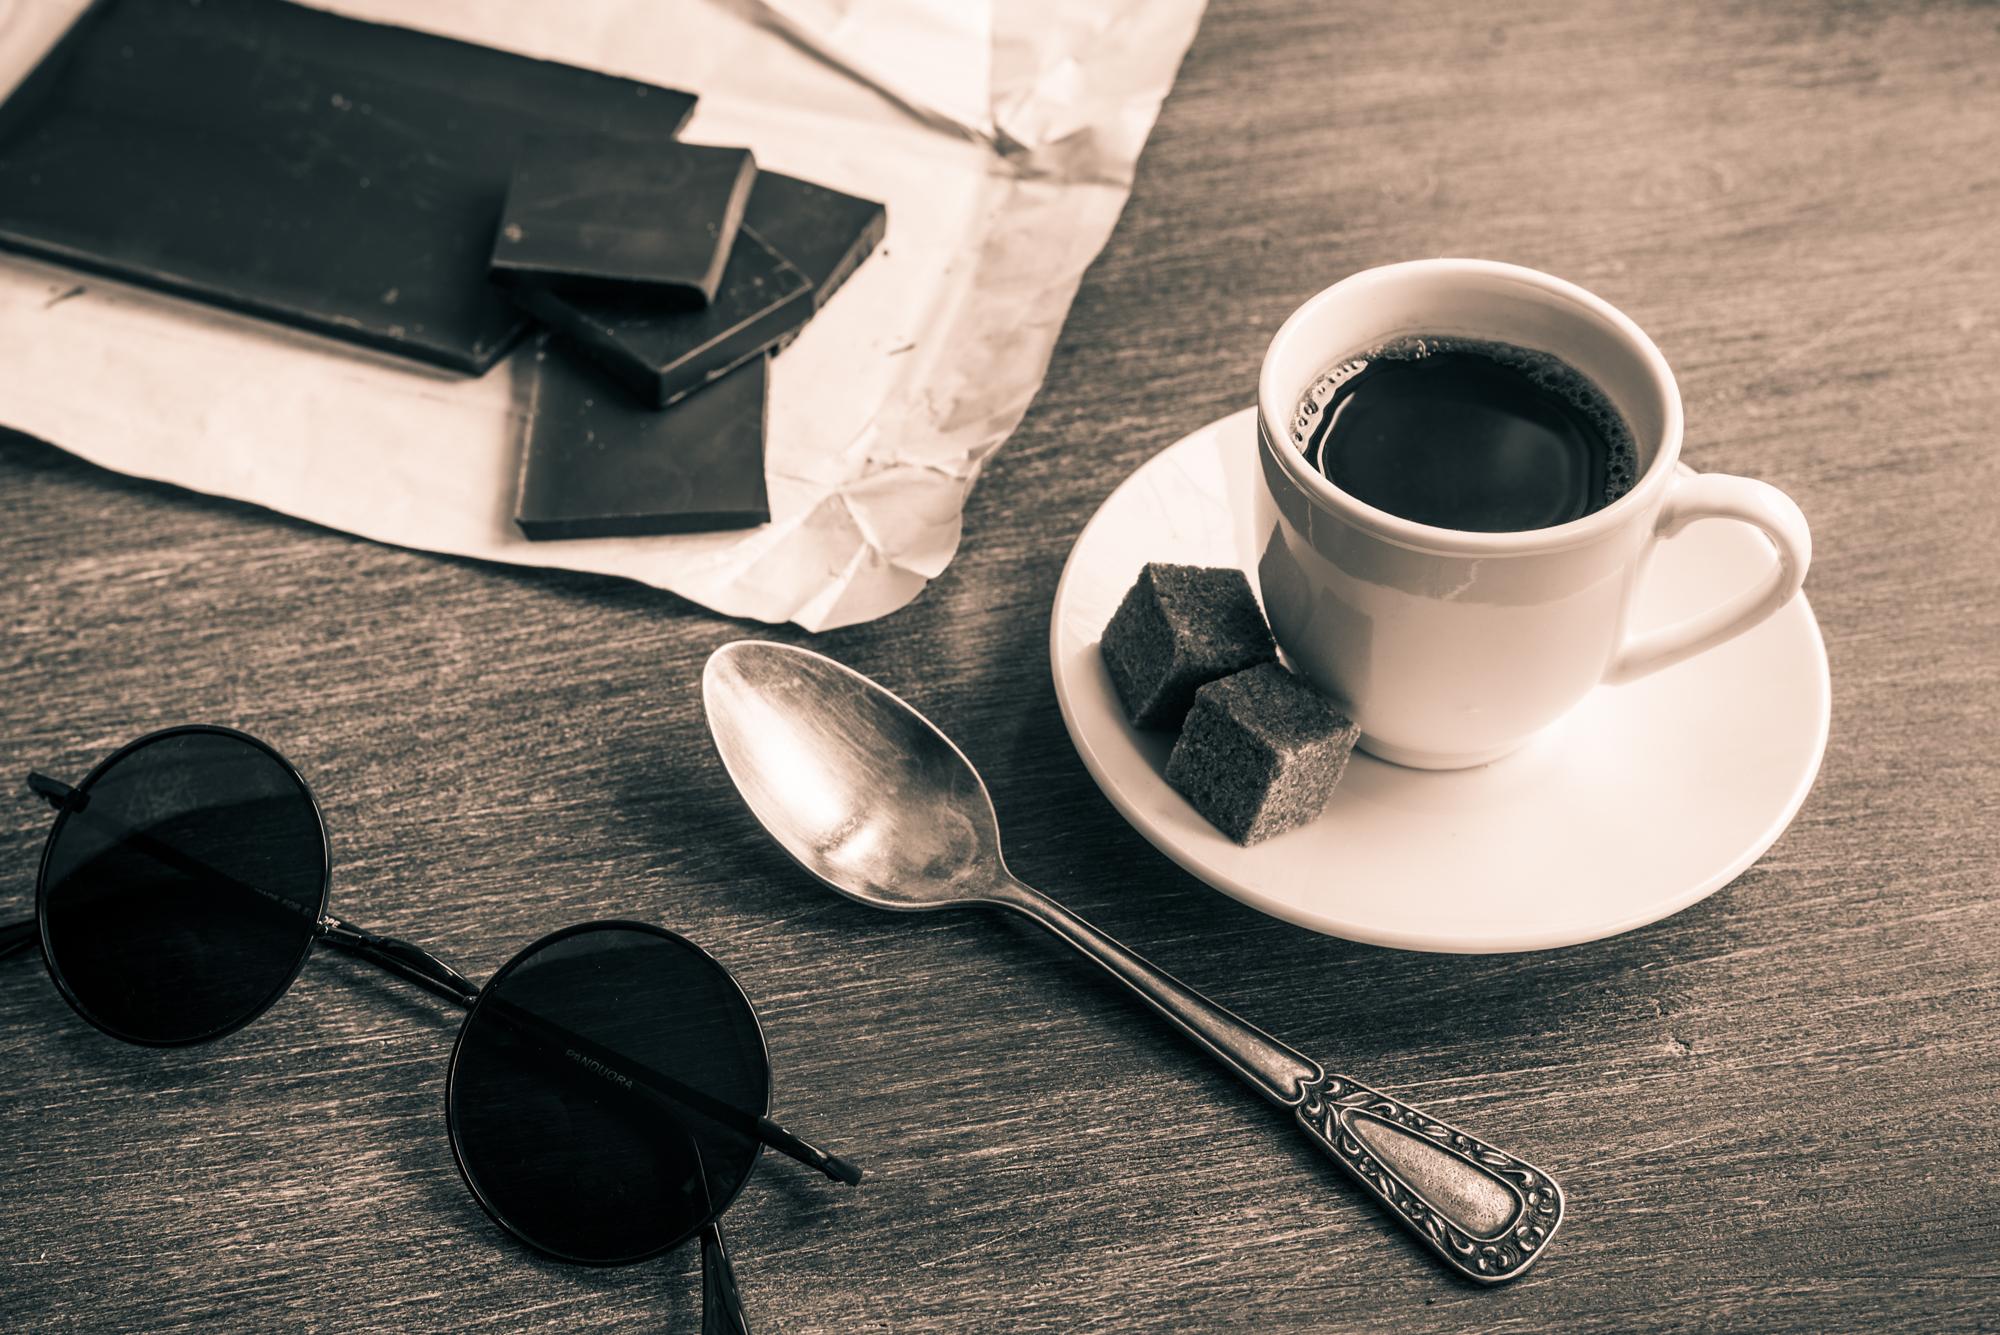 фот о чашки кофе на столе